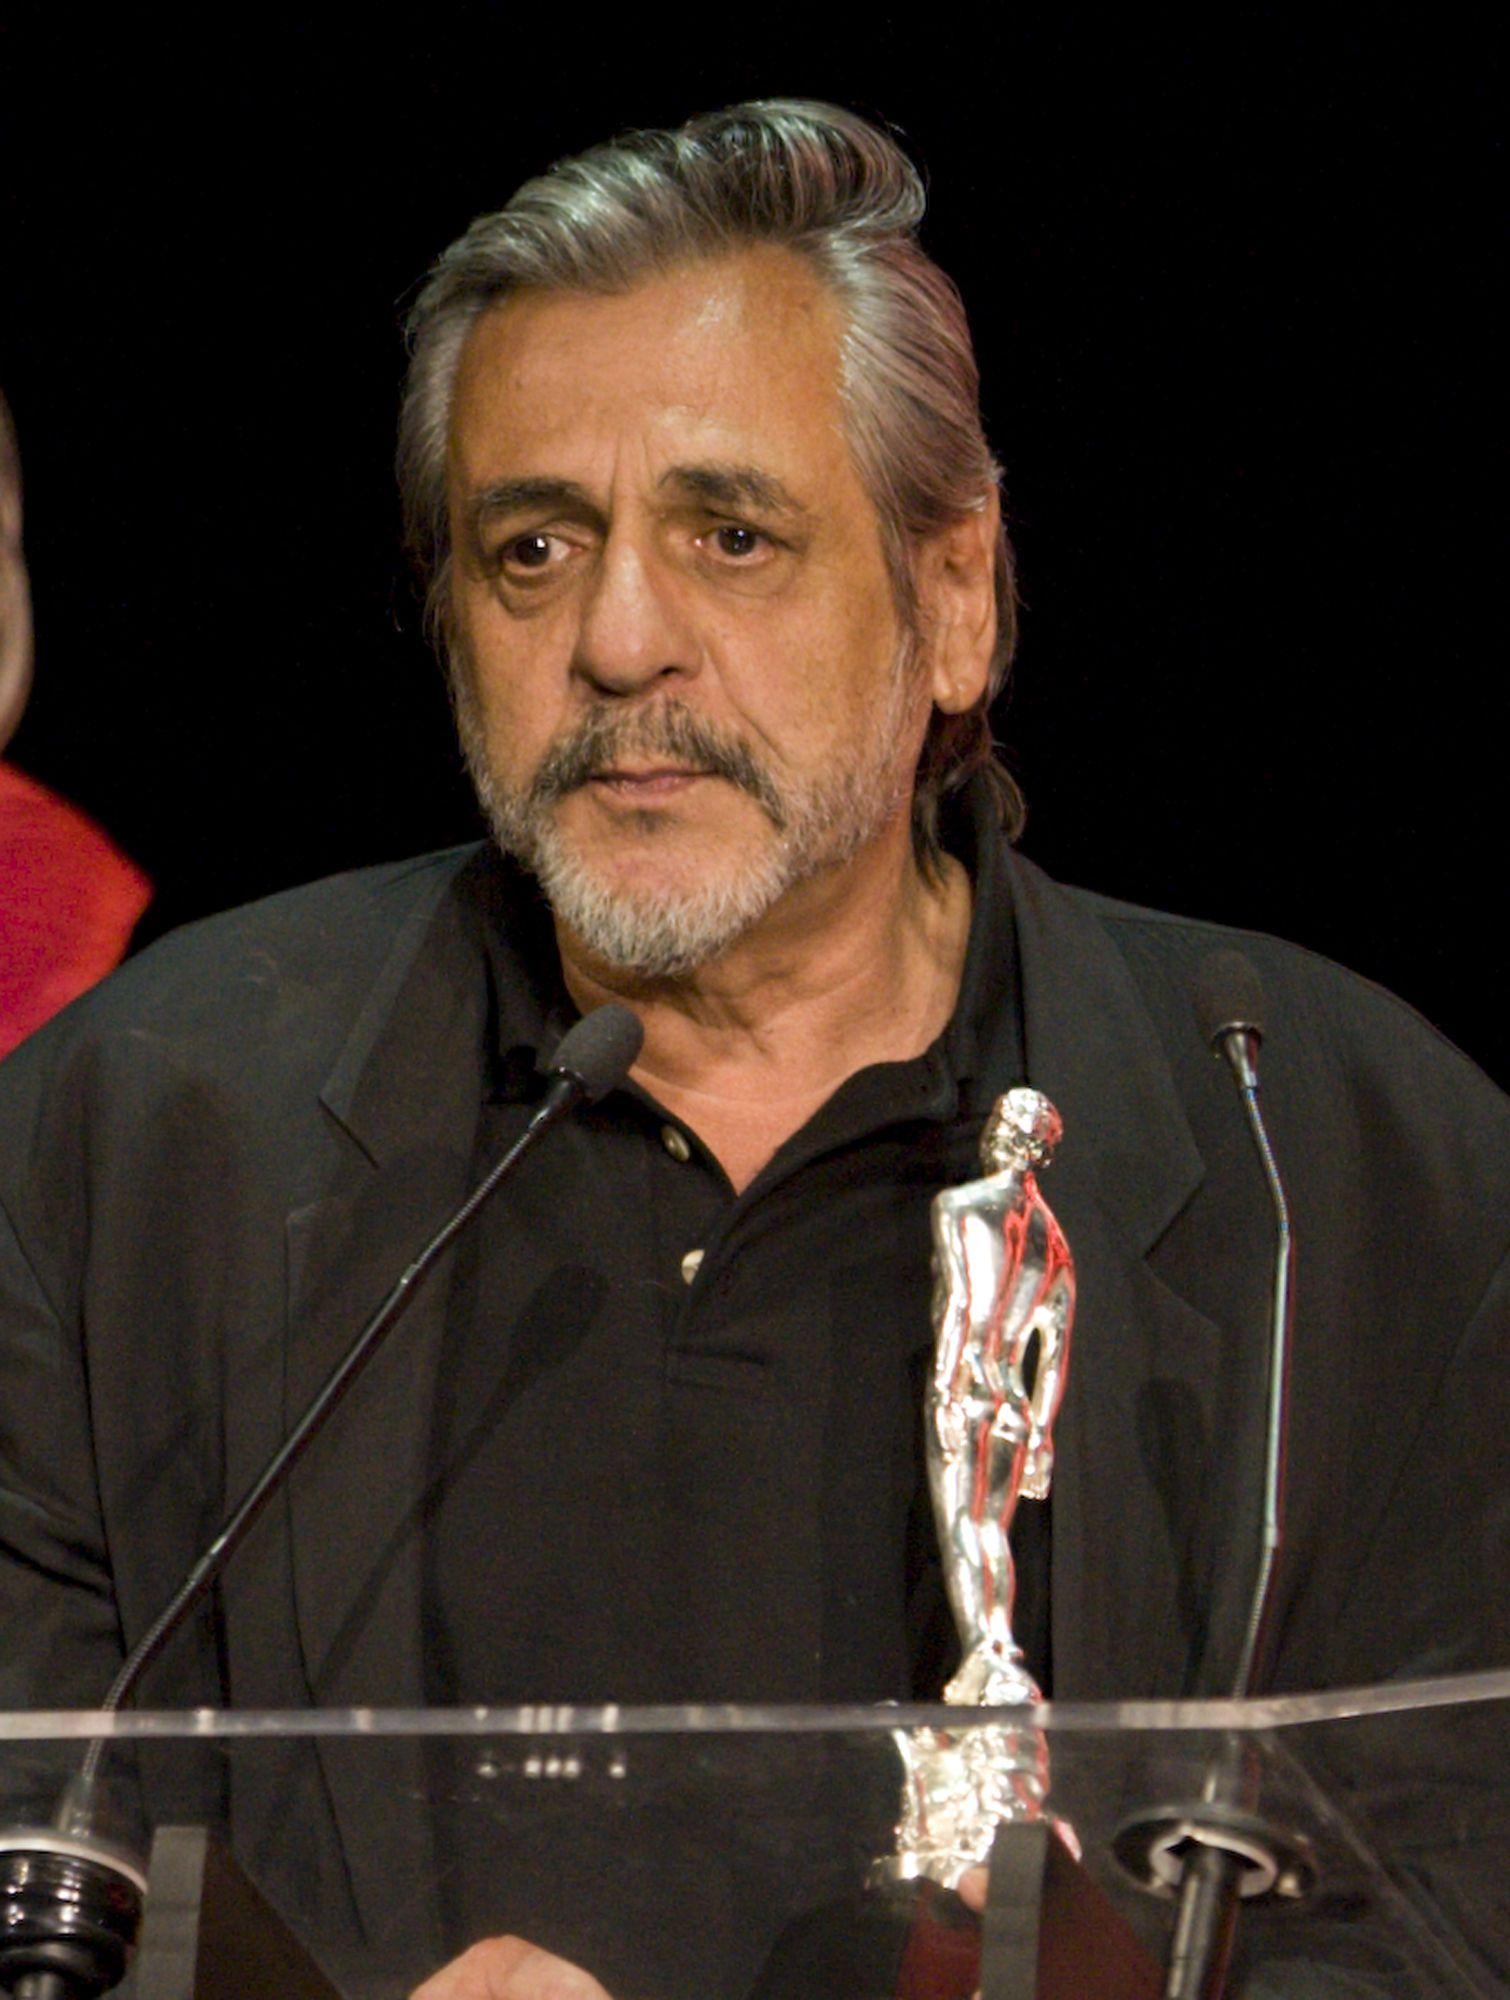 """Paul Leduc recibó el Ariel a mejor guion adaptado por """"Cobrador: In God We Trust"""" en la 50a entrega de los Premios Ariel el 25 de marzo de 2008 en la Ciudad de México. (Foto: AP)"""